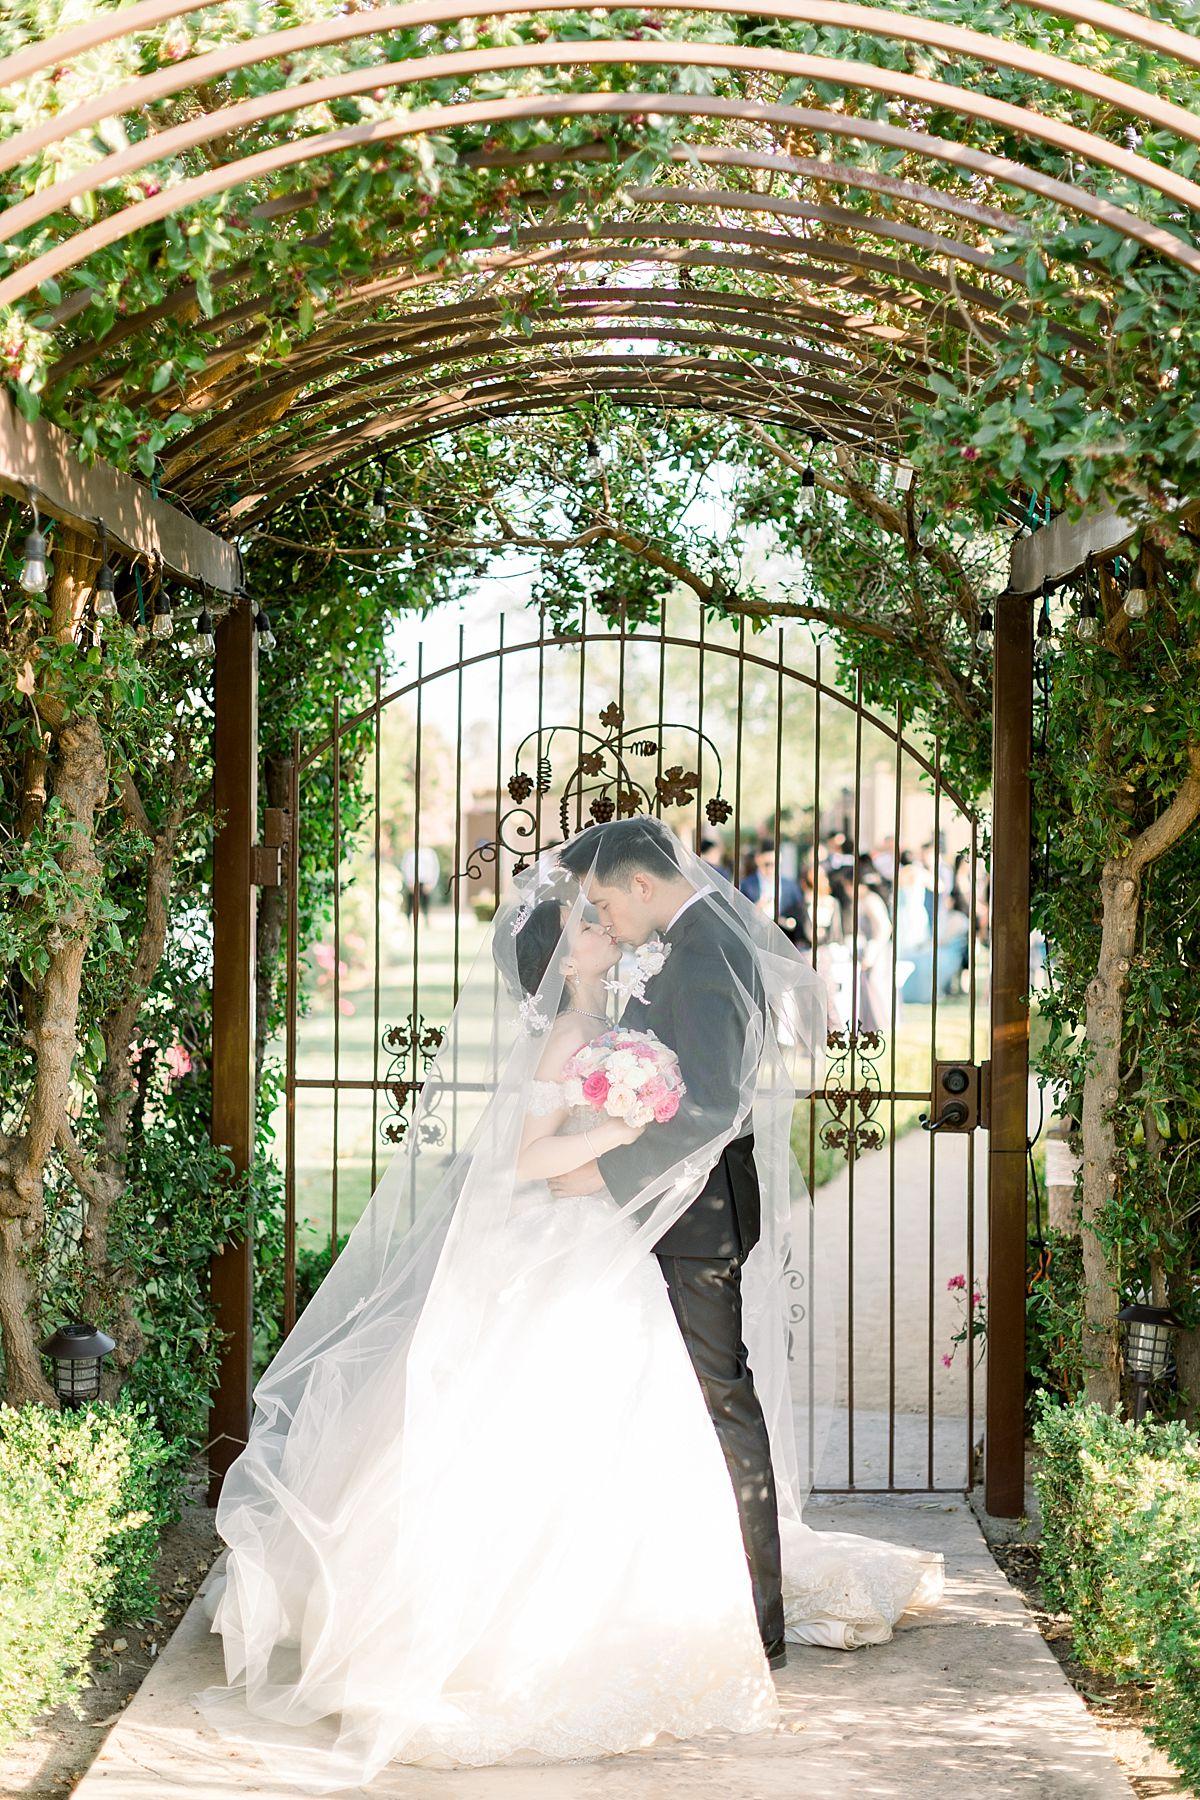 Newberry Estate Vineyards Wedding - Ashley Baumgartner - Jasmine and Johhny - Bay Area Wedding Photographer - Sacramento Wedding Photographer_0042.jpg